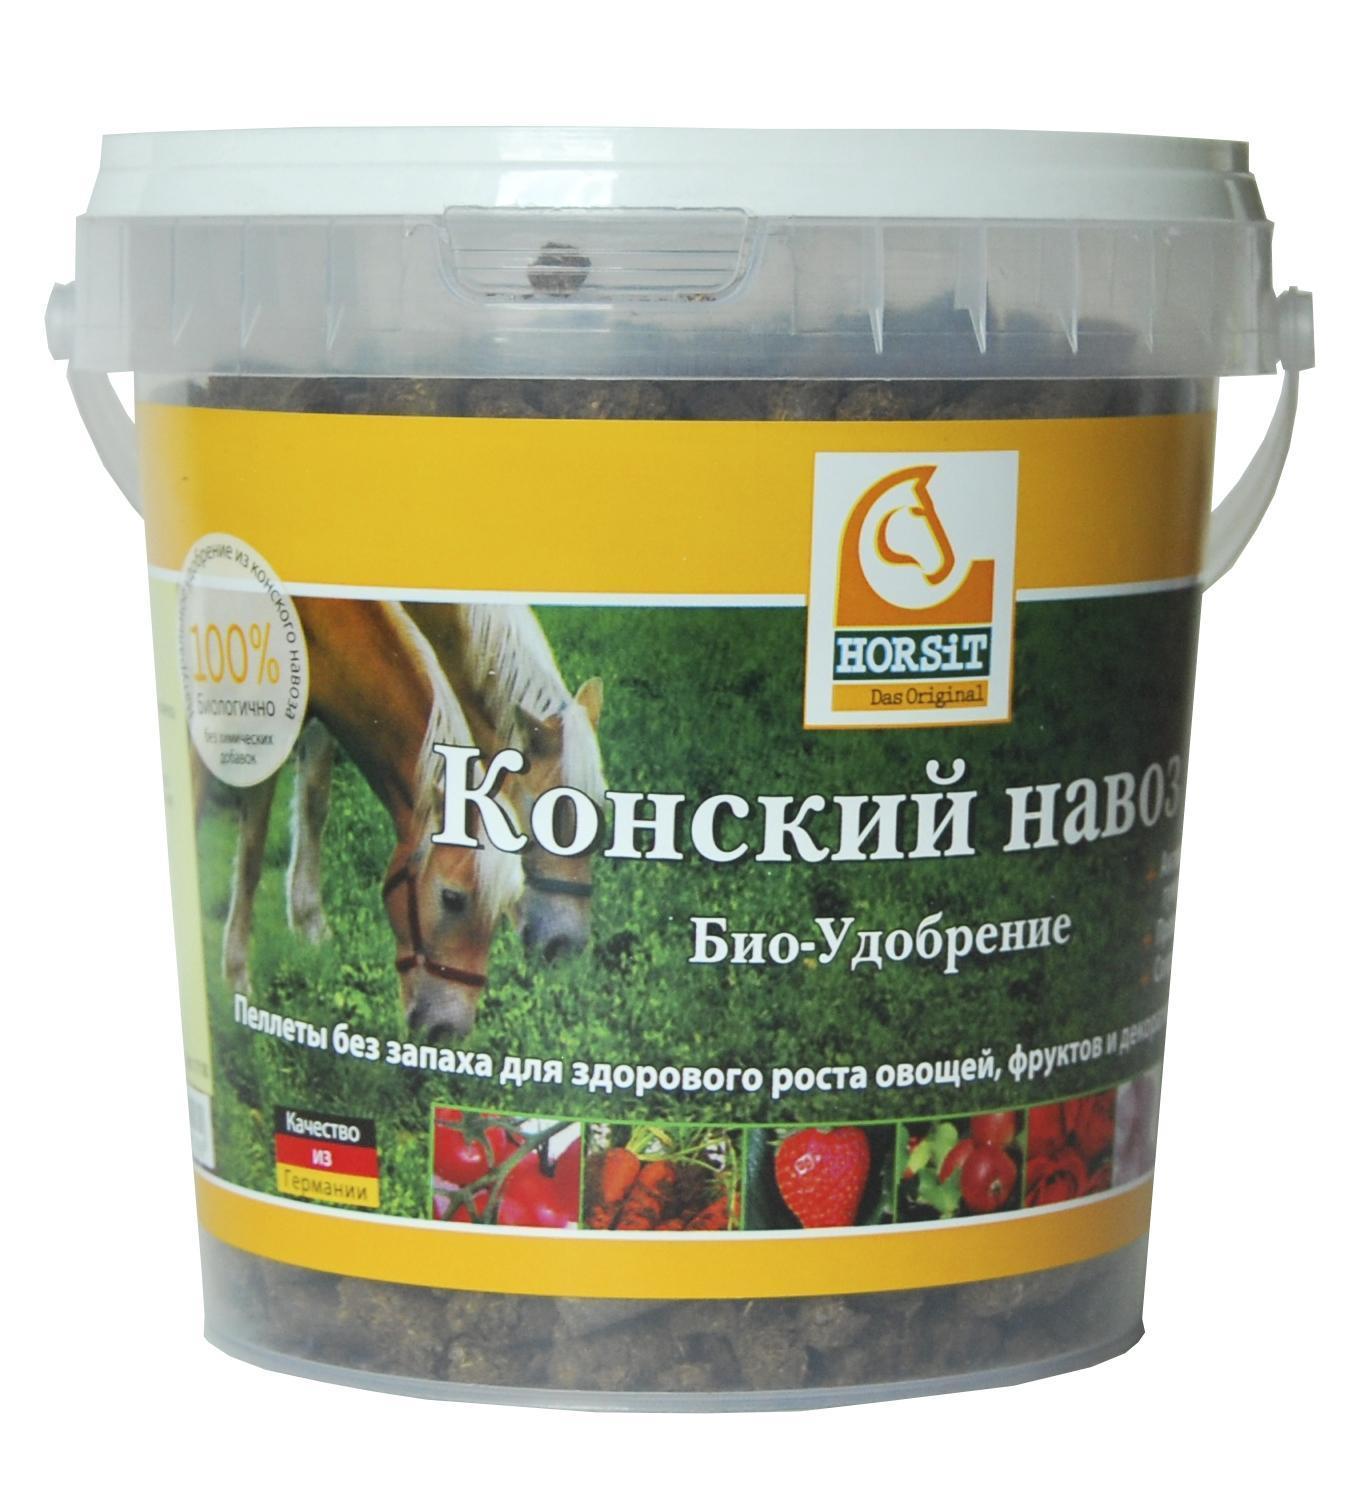 Био-удобрение Horsit Конский навоз, 1,18 л4029559011189Био-удобрение Horsit Конский навоз - это натуральное экологически чистое средство на основе 100% конского навоза, в виде пеллет без запаха. Способствуют здоровому росту овощей, фруктов и декоративных растений.Преимущества:• Активирует гумусообразование Поддерживает естественную микробиологическую жизнедеятельность грибов, бактерий и дождевых червей, что способствует увеличению плодородия почвы. • Проветривает почву Благодаря ярко выраженному набуханию пеллет почва разрыхляется. При этом потребление питательных веществ растениями увеличивается до 40%. • Сохраняет влагу Пеллеты впитывают влагу, в три раза больше собственного веса, и удерживают ее долгое время. Благодаря этому, расход воды для полива сокращается на 50%. Органическое РК-удобрение (0,3:1,4).Действует целый сезон (до 6 месяцев)! Достаточно на 15 кв.м. почвы. Характеристики:Состав: 100% конский навоз. Объем: 1,18 л. Действующие вещества: 0,32% азот общий, 0,041% аммонийный азот, 0,3% общий фосфат, 1,39% оксид калия общий, 0,36% оксид кальция, 75% органическая субстанция. Срок действия: 6 месяцев.